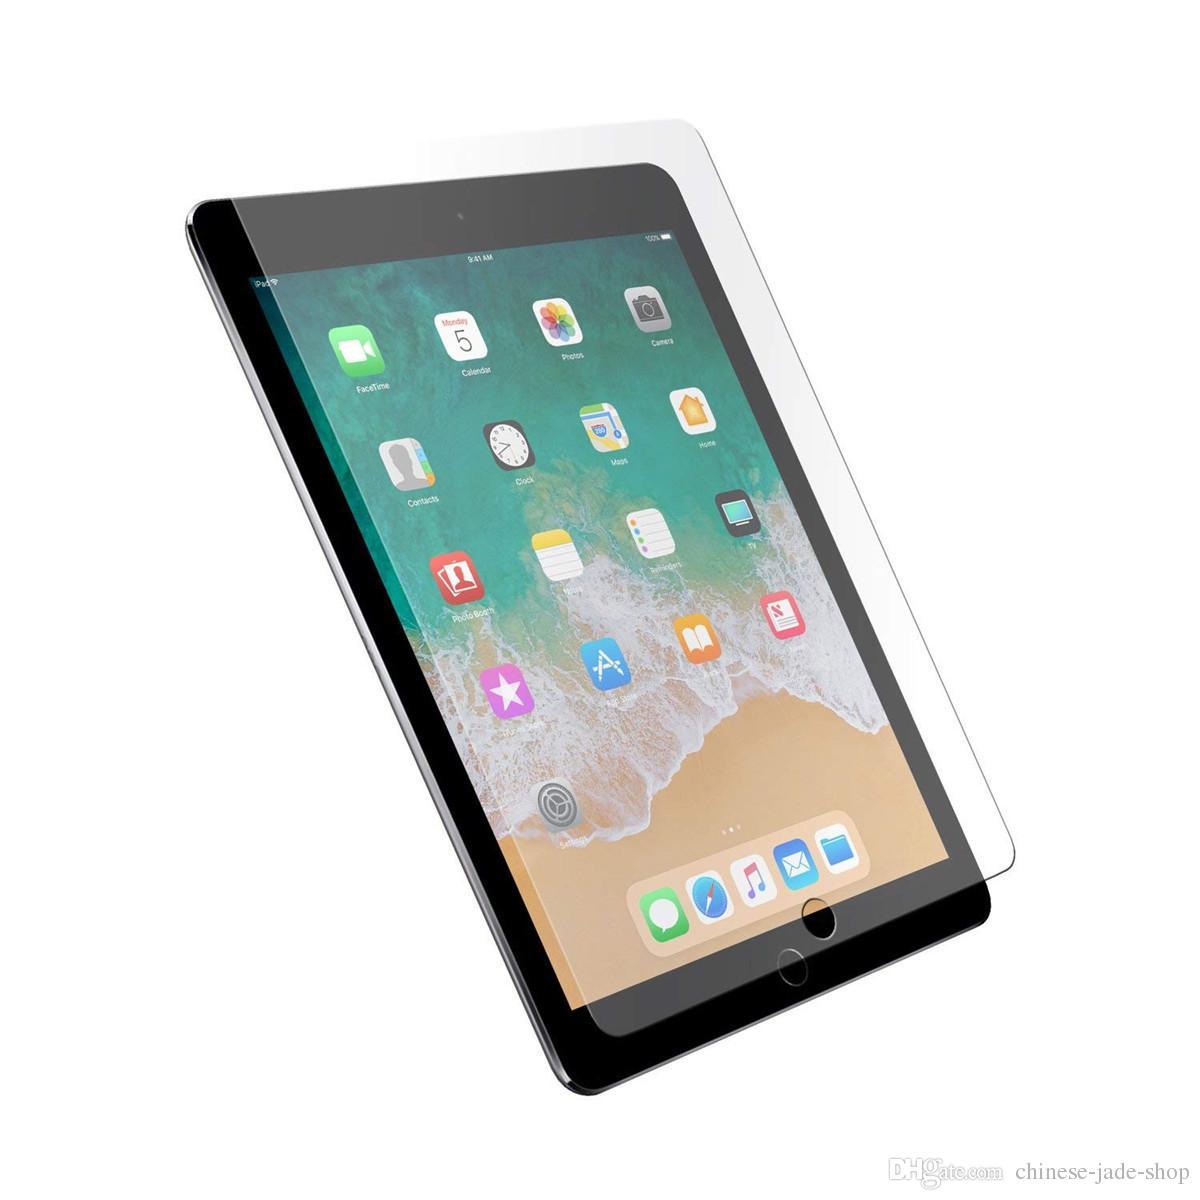 Protector 9H vetro temperato dello schermo per iPad 10.2 2019 1/2/3 dell'aria 1 Aria 2 ipad 2017 2018 pro 10.5 ipad pro 11 500pcs nessun pacchetto / lot